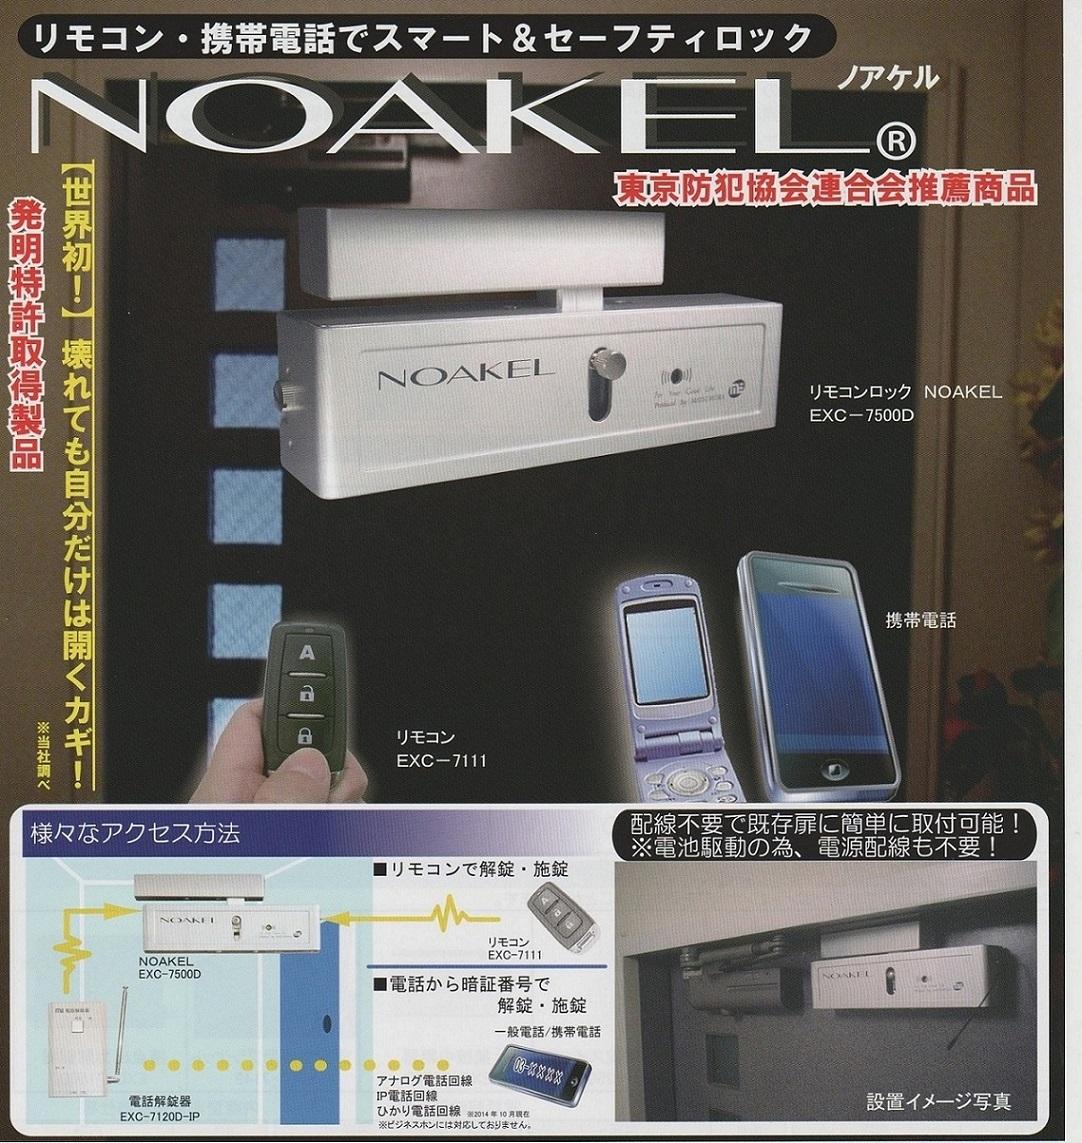 株式会社 松村テクノロジー NOAKEL(ノアケル) EXC-7500D-MT リモコン式 電気錠 電池式 玄関 勝手口 防犯 鍵 取付